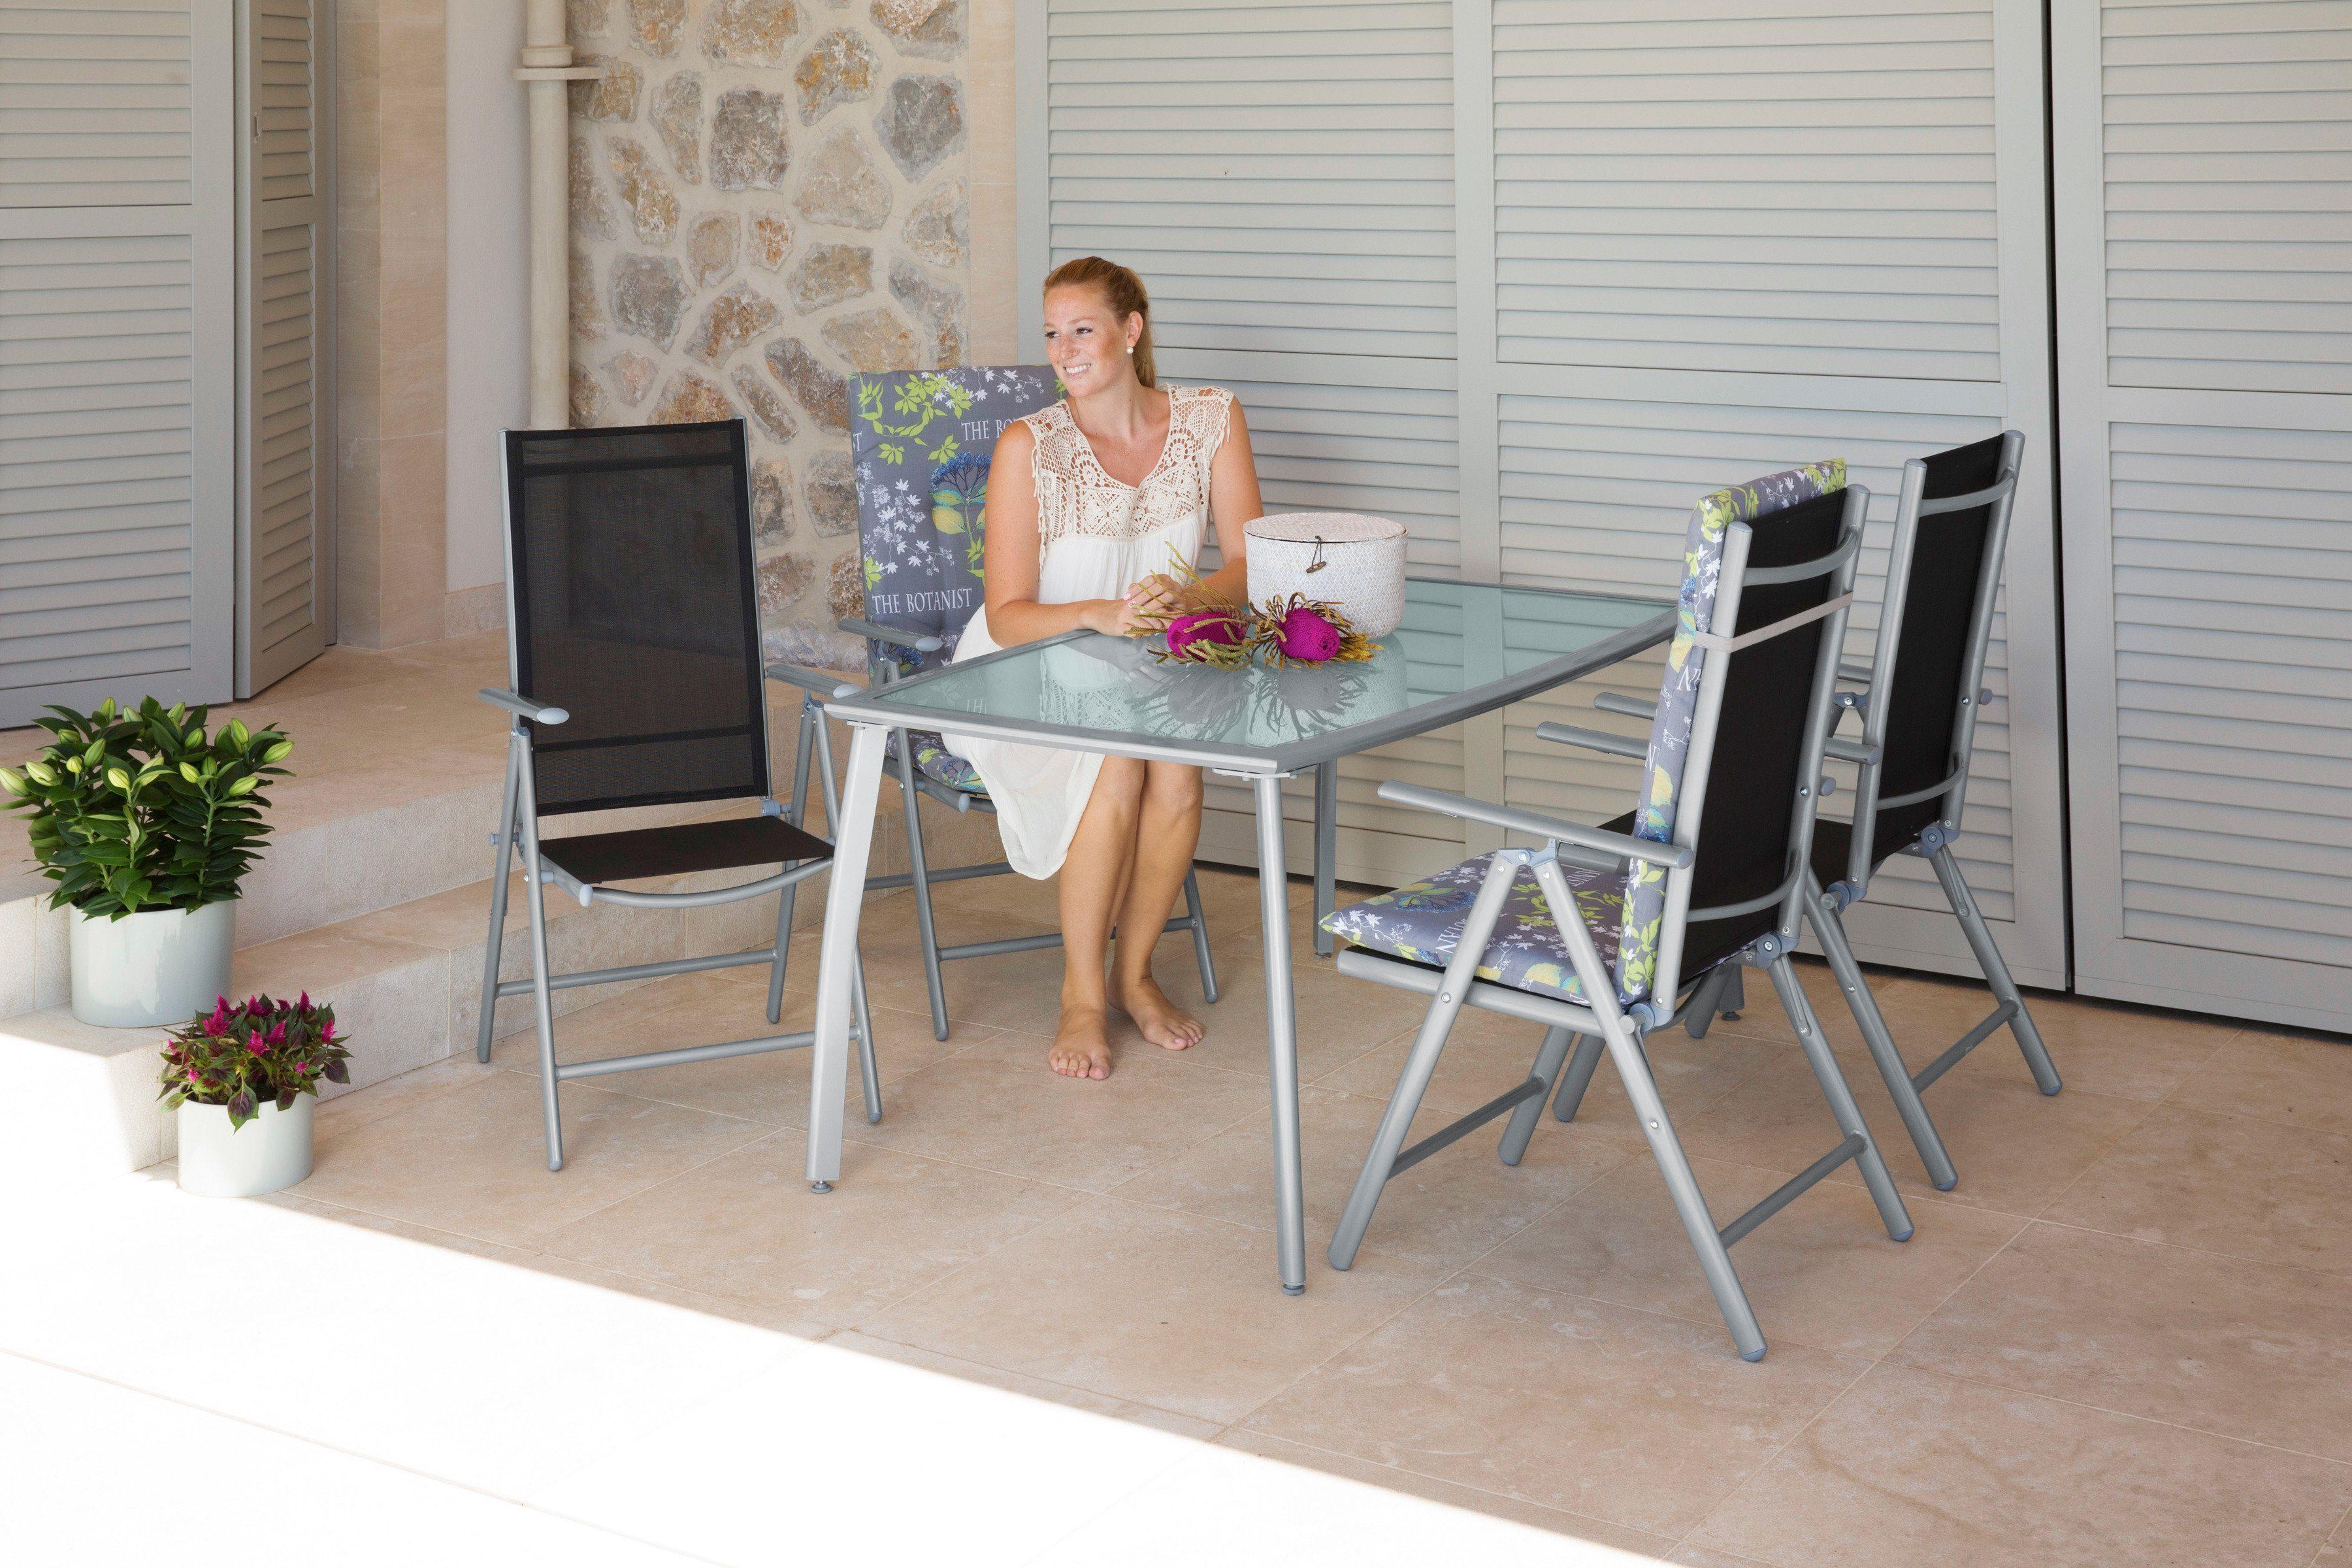 5-tlg. Gartenmöbelset »Lima«, 4 Hochlehner, Tisch 150x90 cm,Alu/Textil, schwarz